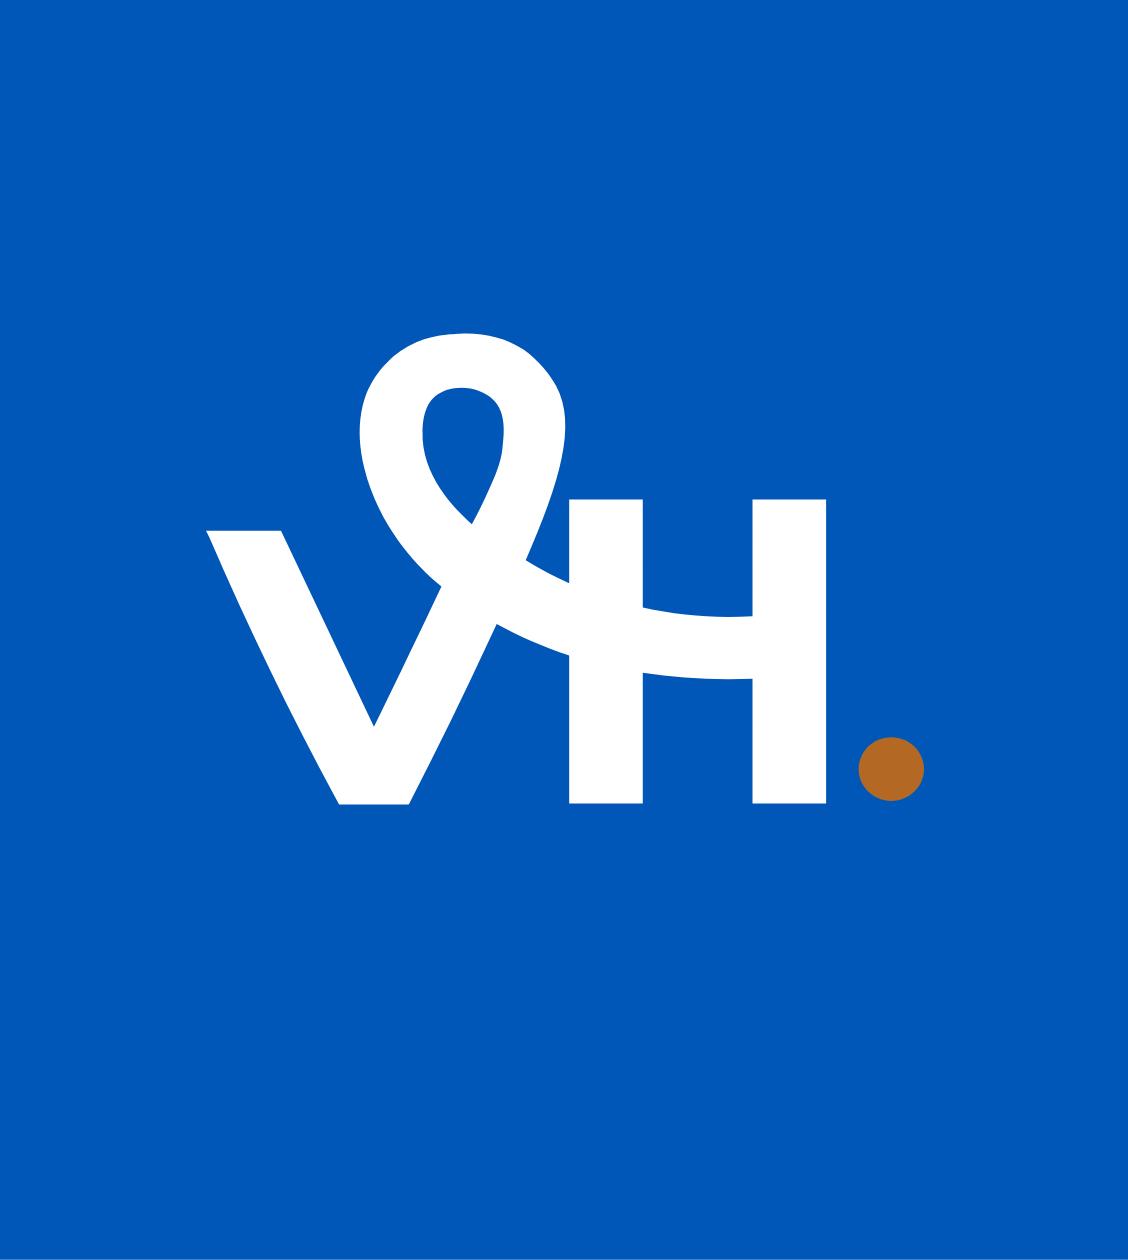 Victor-Hawkins-Logo